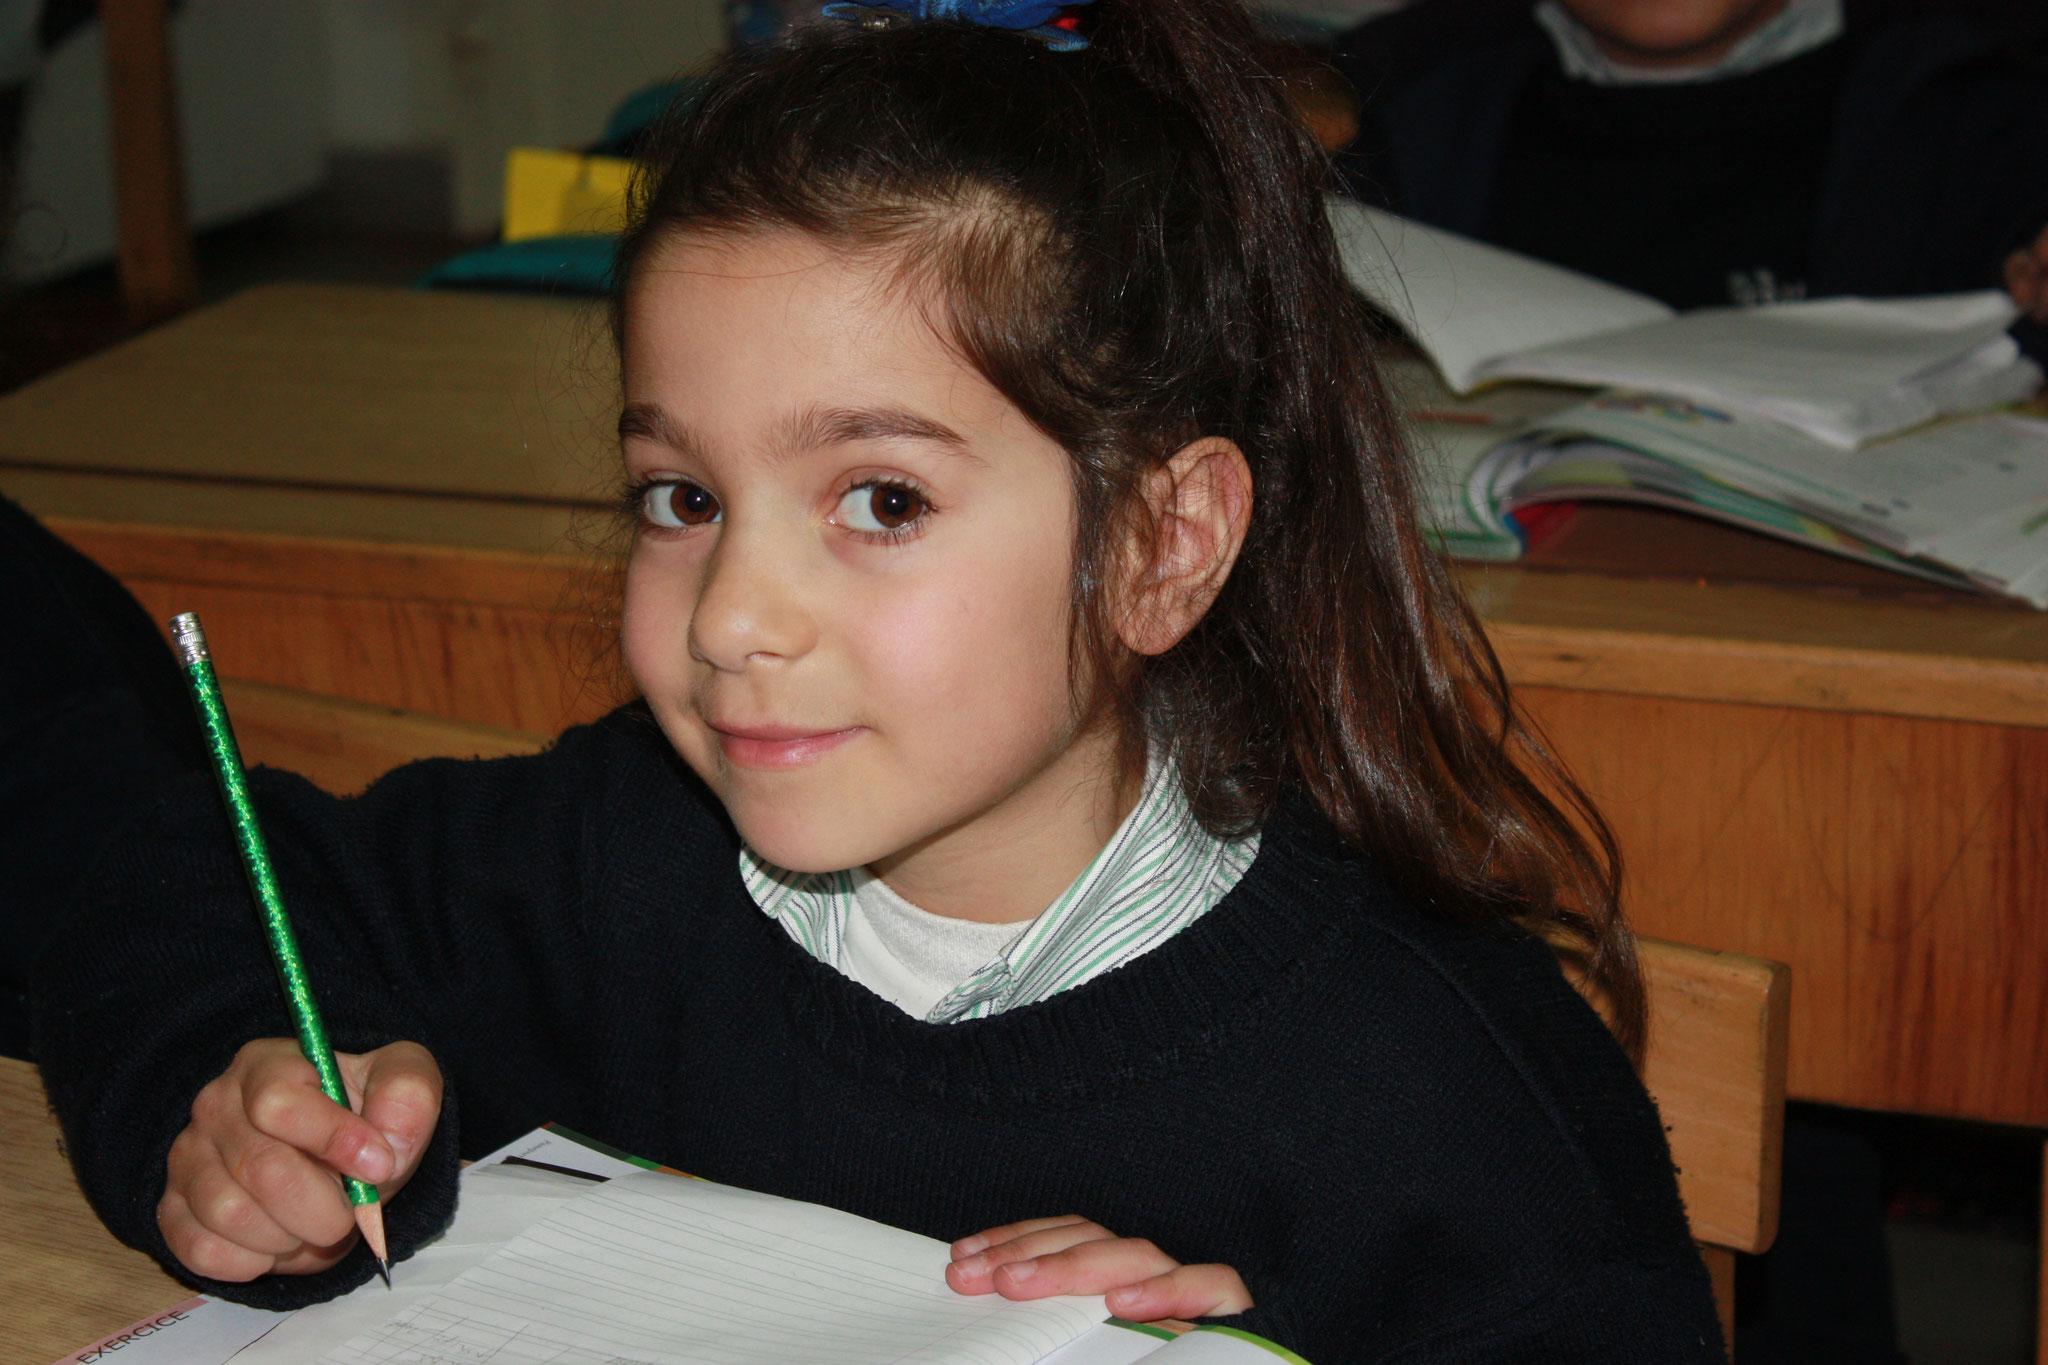 ICO-Bildungspatenschaften geben Kindern gute Chancen